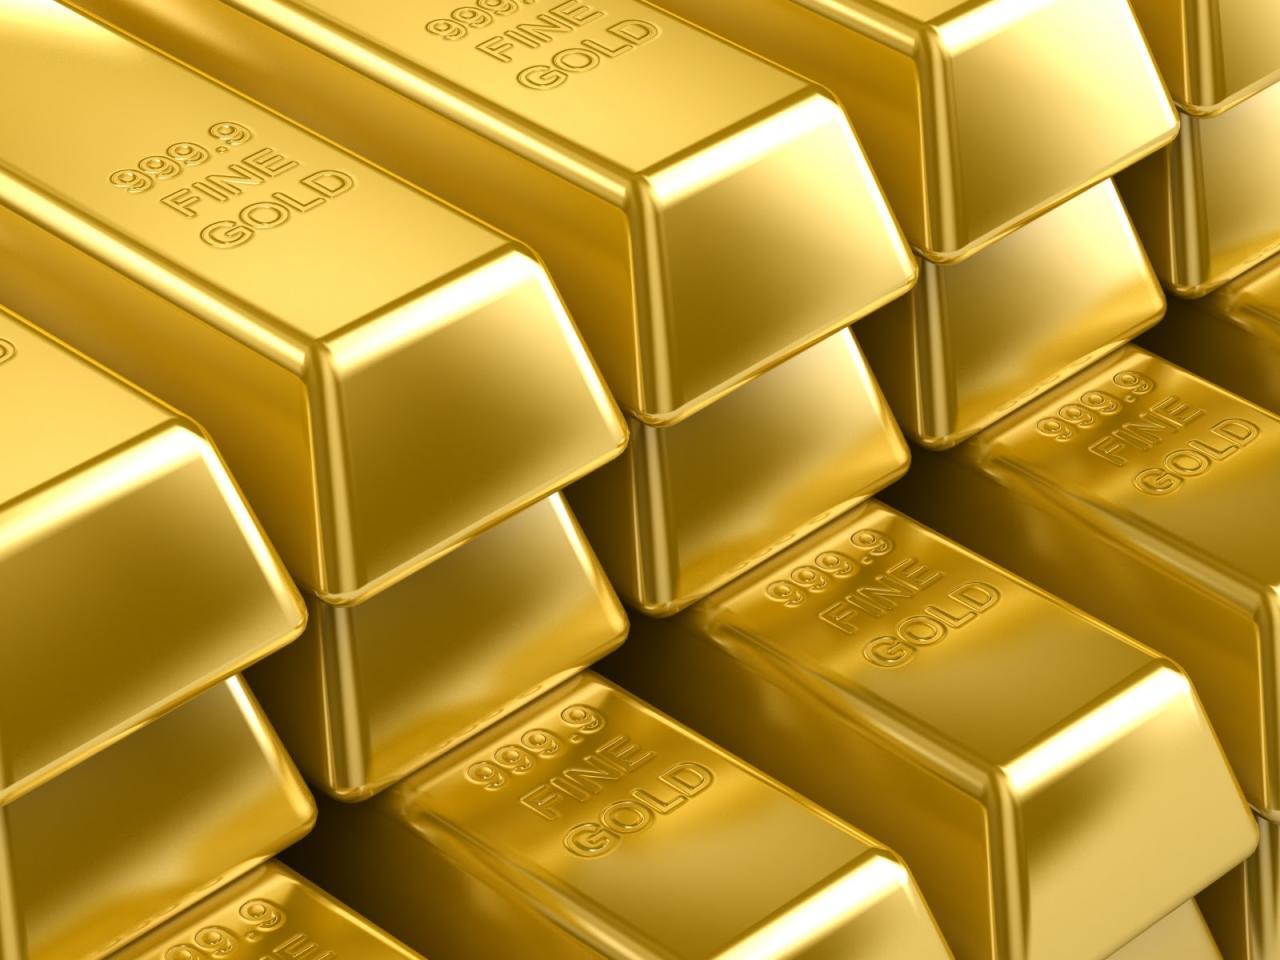 الإمارات المرتبة الـ12 عربيا في امتلاك احتياطات الذهب